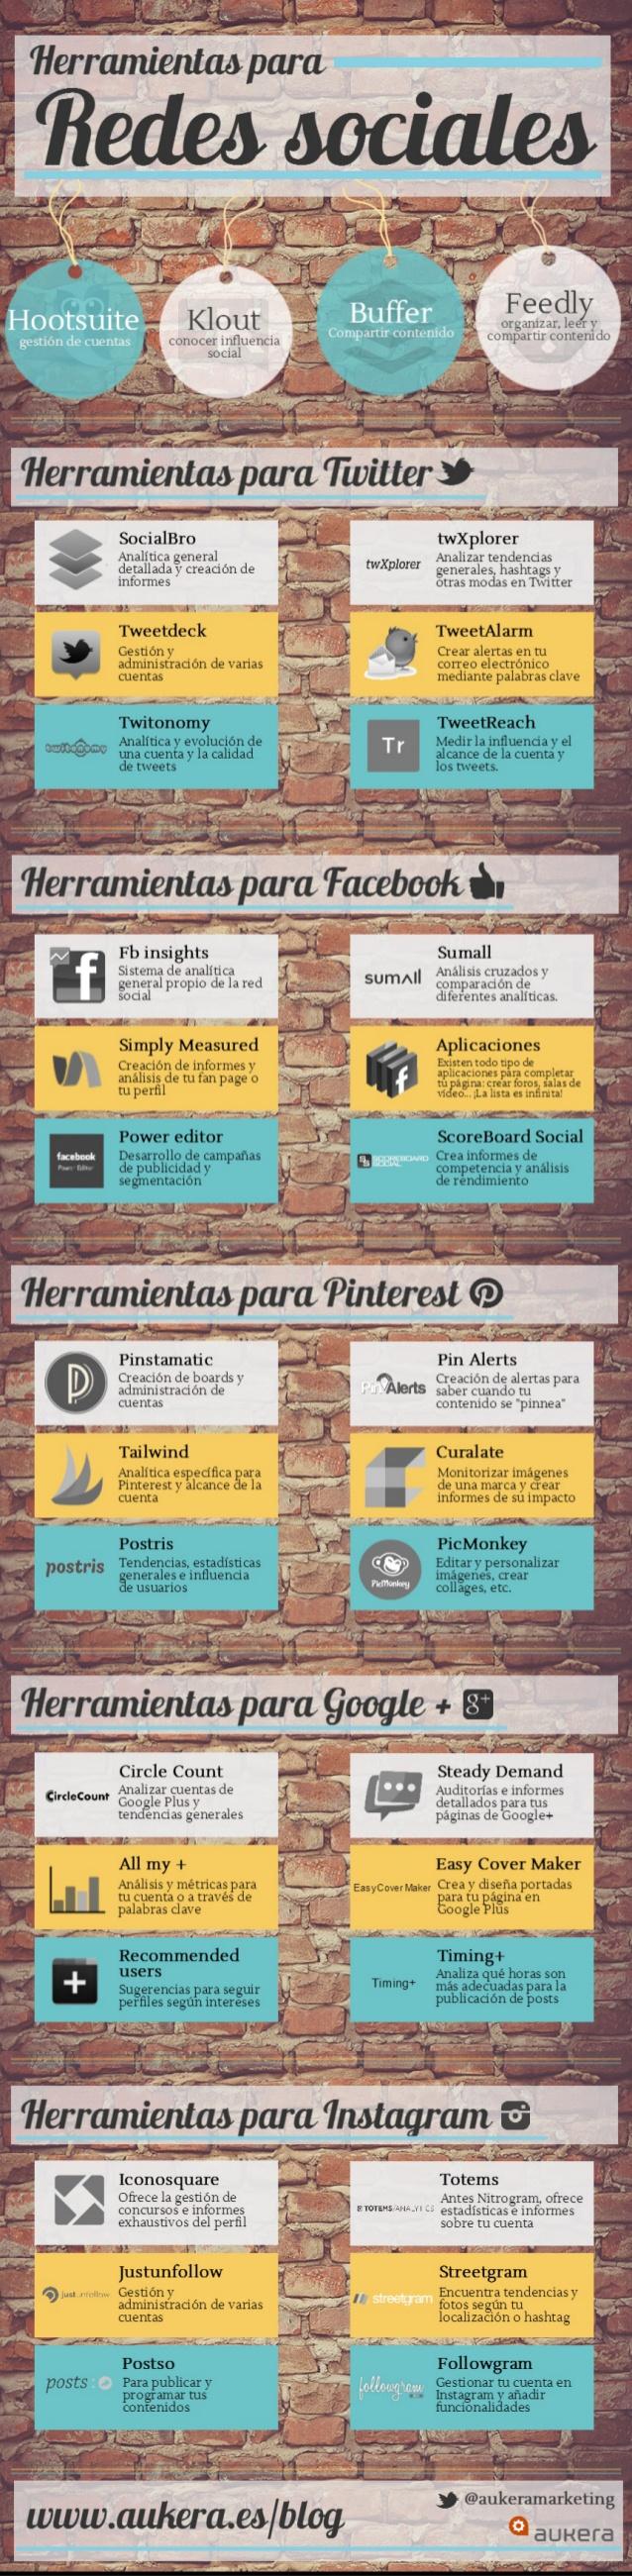 34 herramientas para la gestión de Redes Sociales